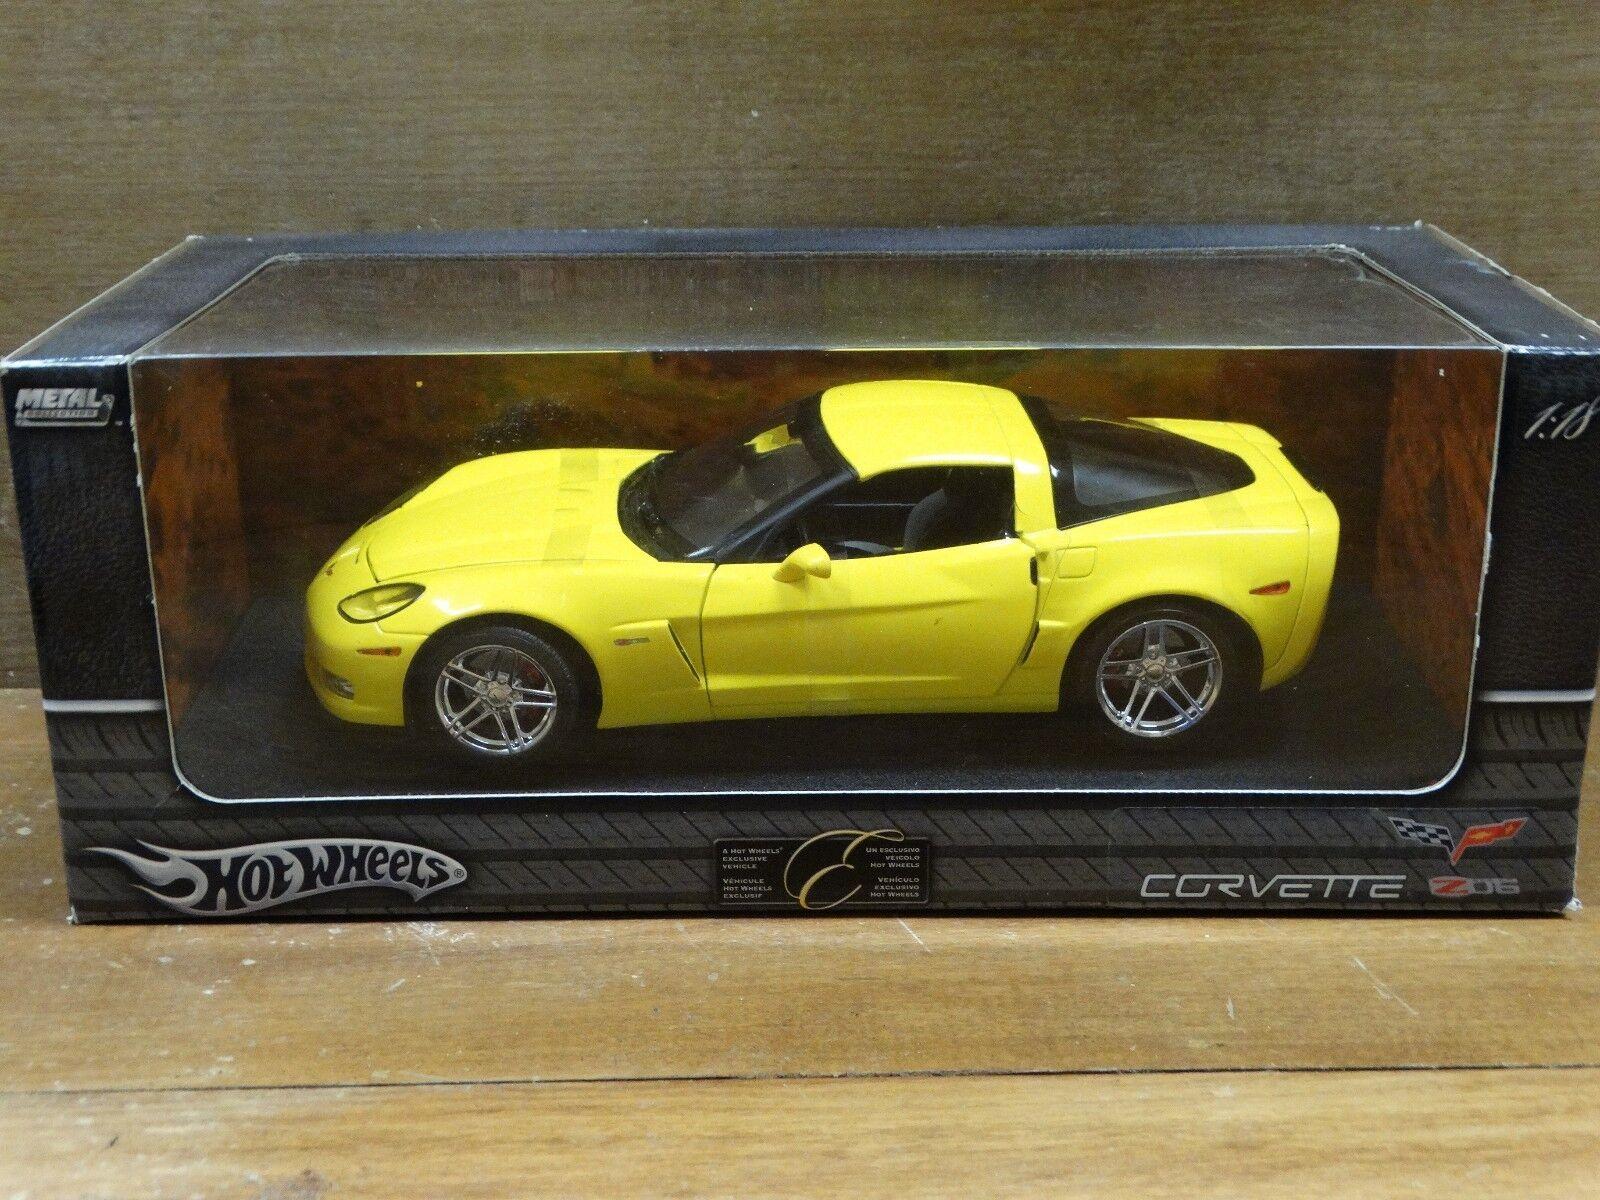 Hot Wheels Elite 2006 Chevy Corvette Z06 1 18 Scale Diecast Model Limited Car